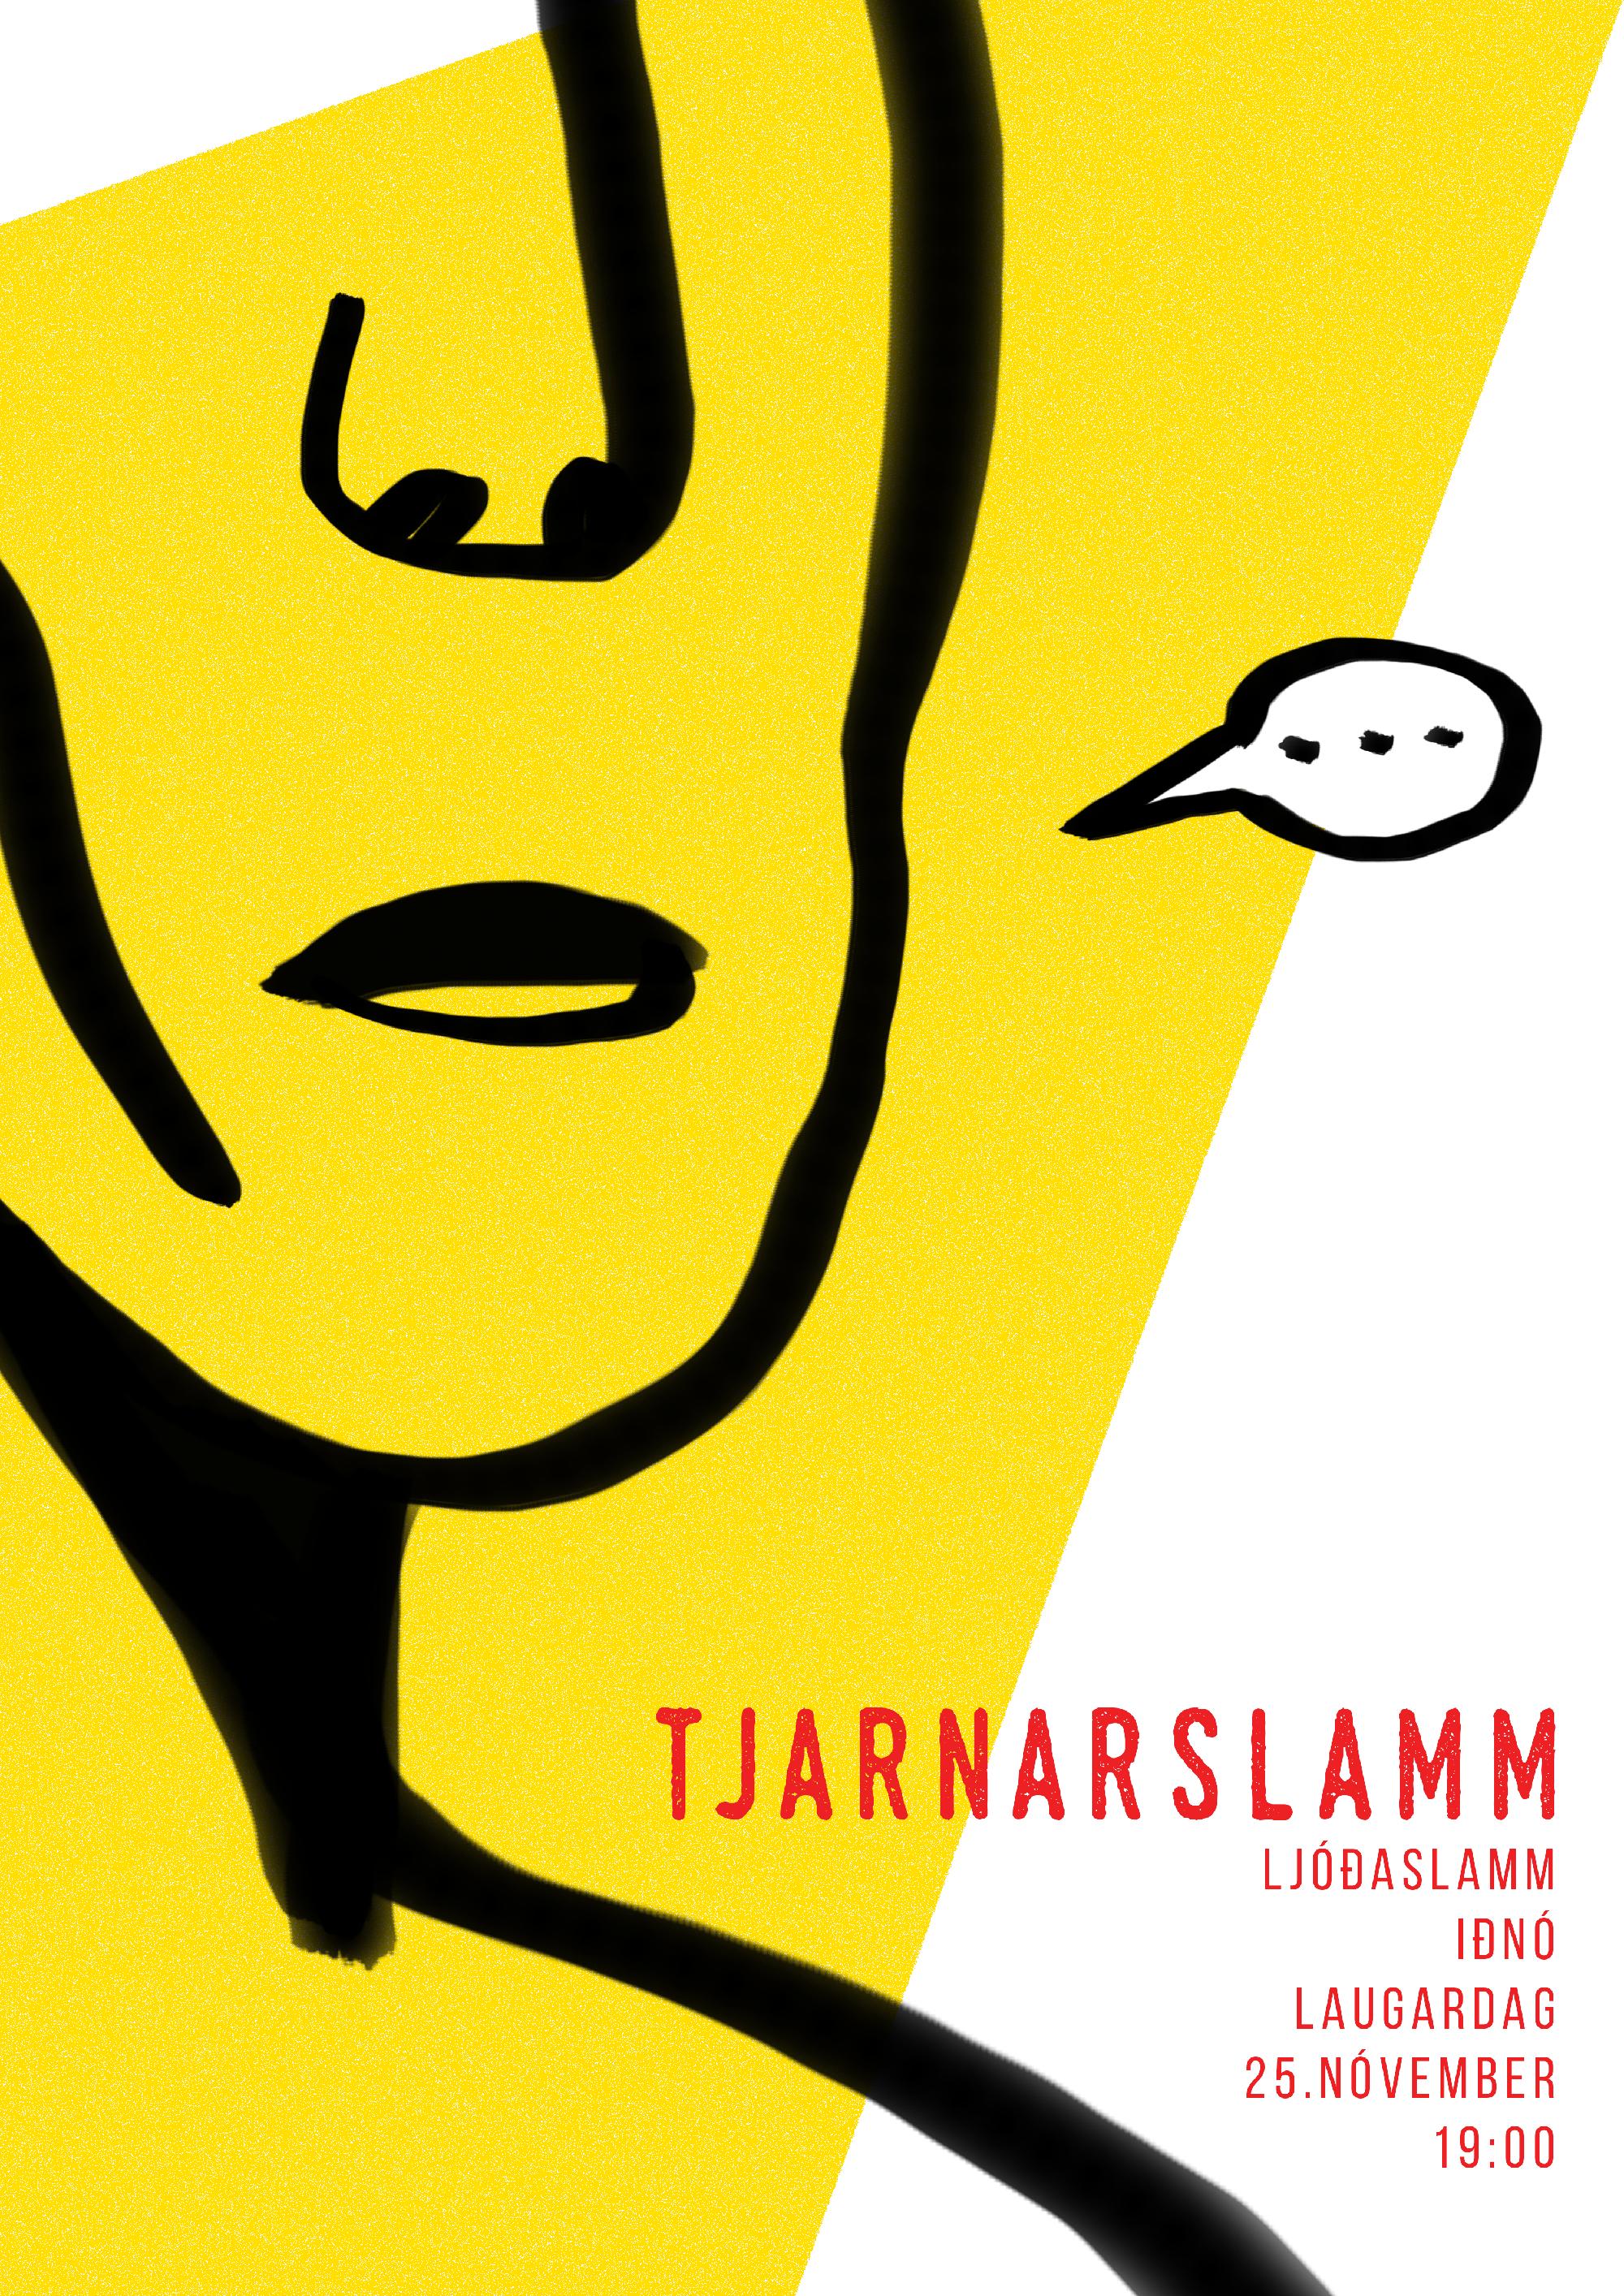 Poster done for Tjarnarslamm poetry slam.